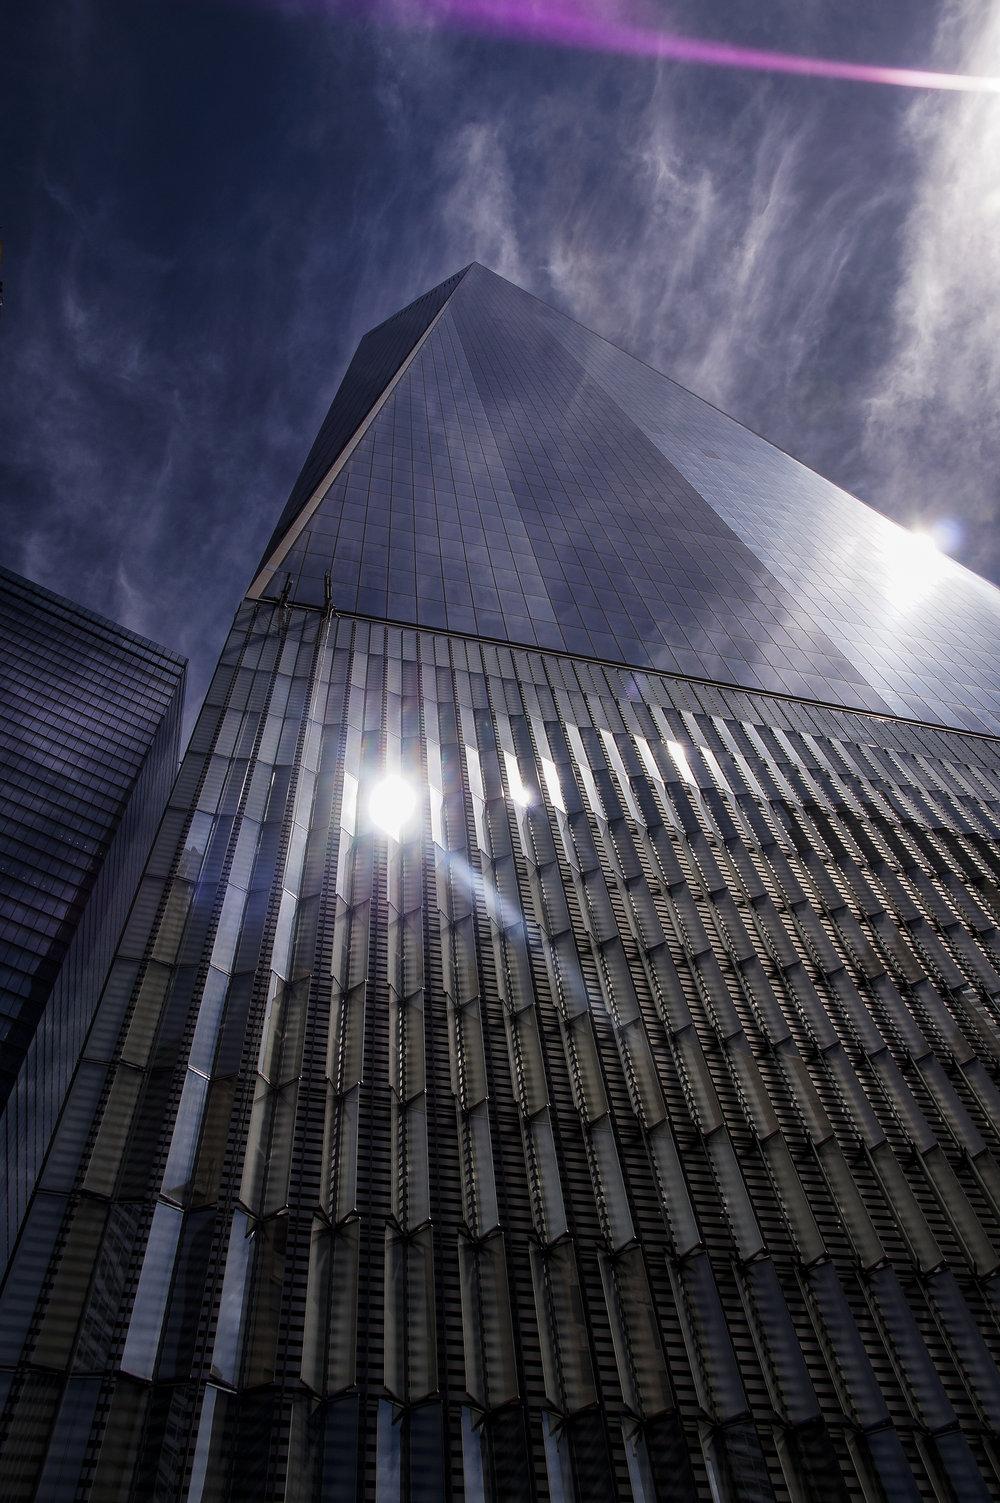 World Trade Center - New York City, NY